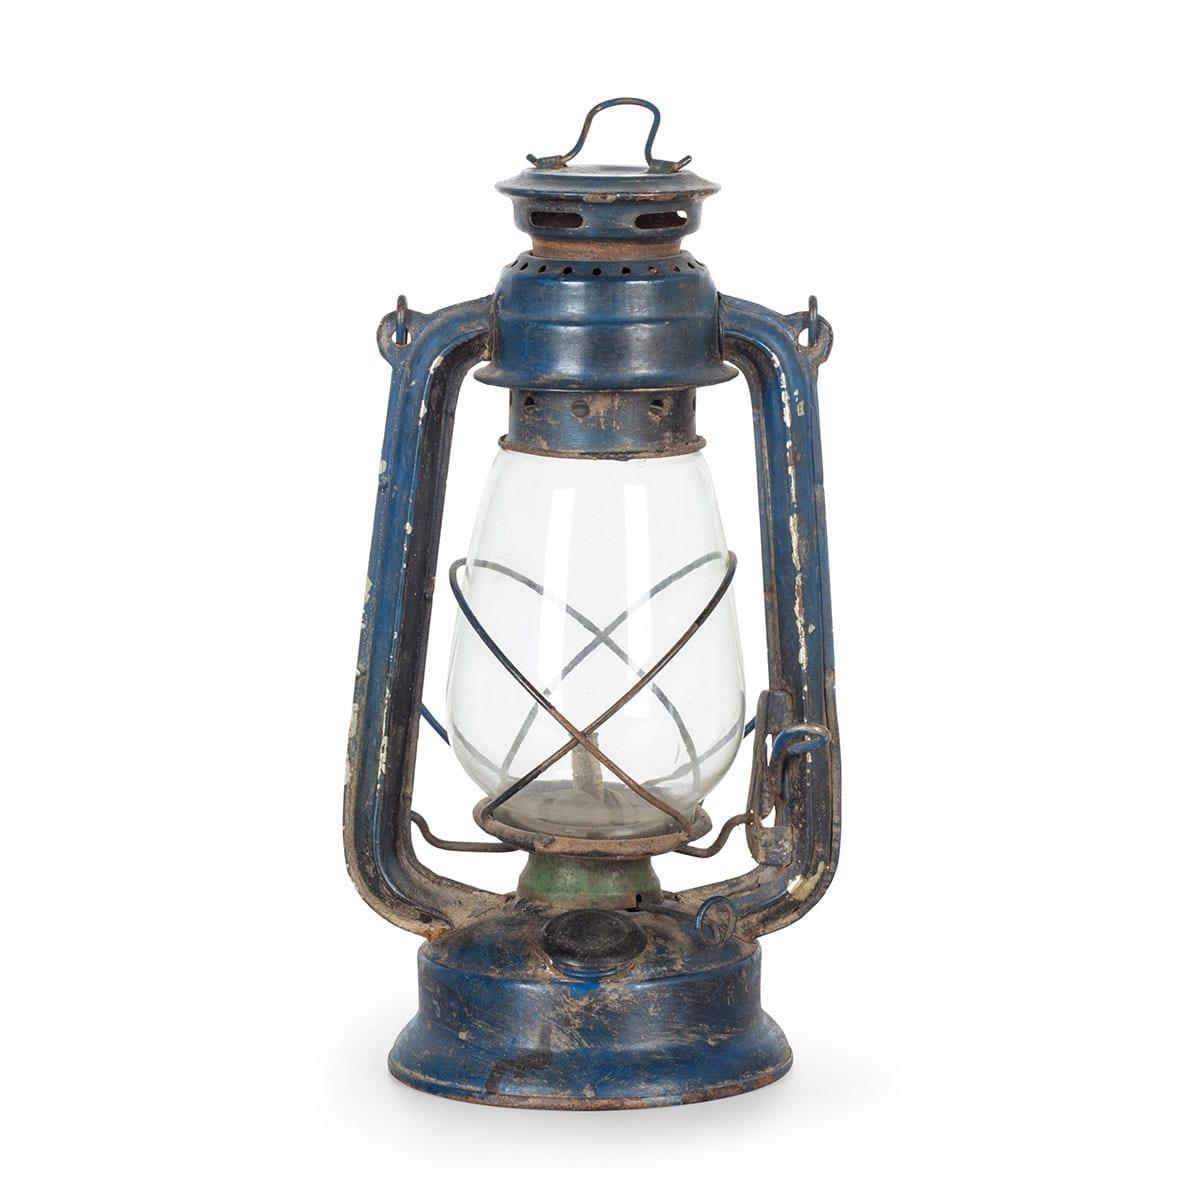 Original Antique Oil Lamps Quinquet In Francisco Segarra